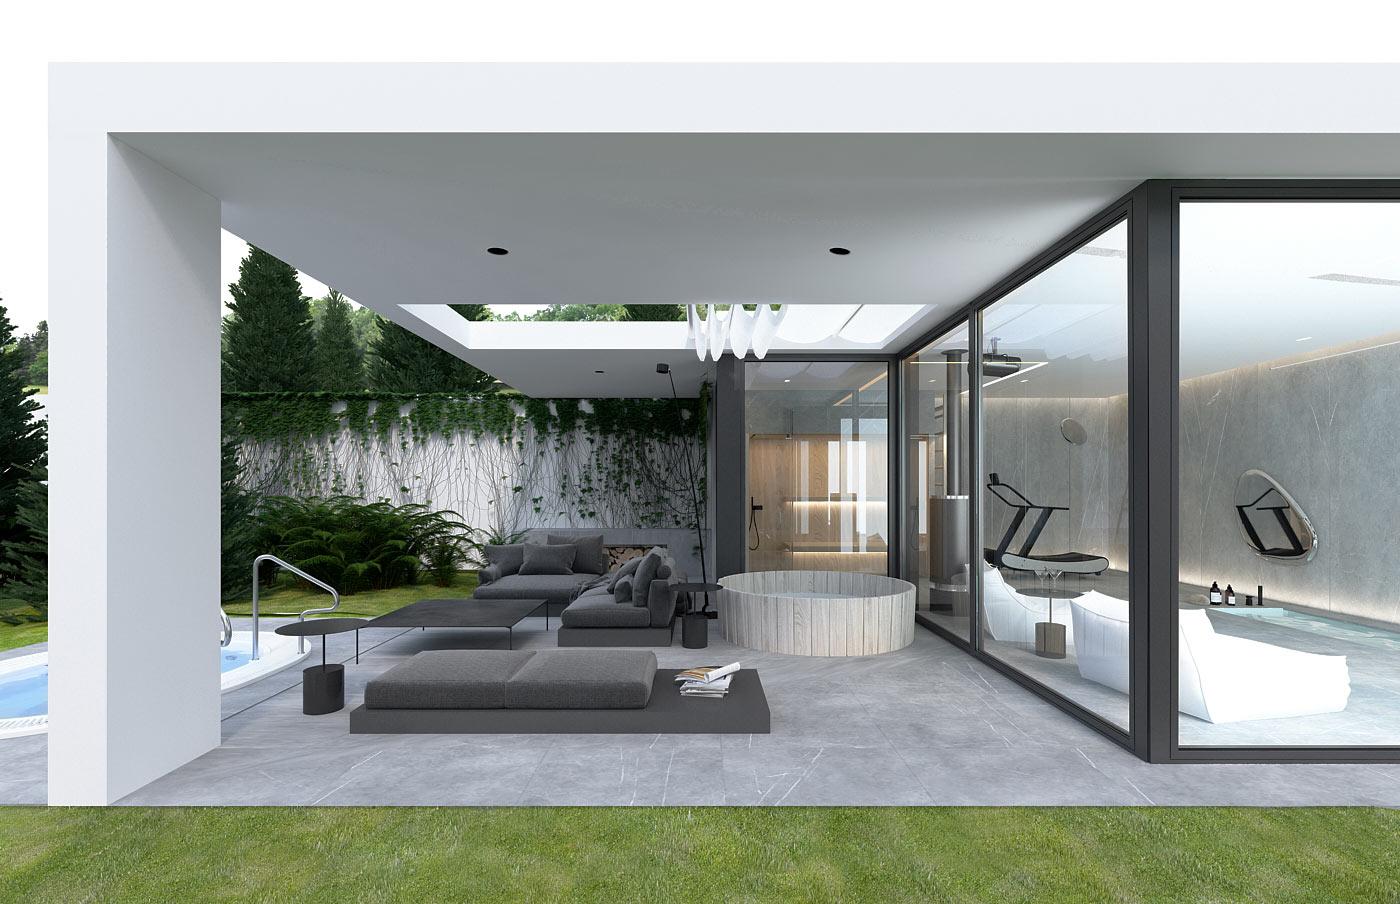 07-mono-architekt-wnetrz-katowice-slask-domowe-spa-sauna-taras-spiek-kwarcowy